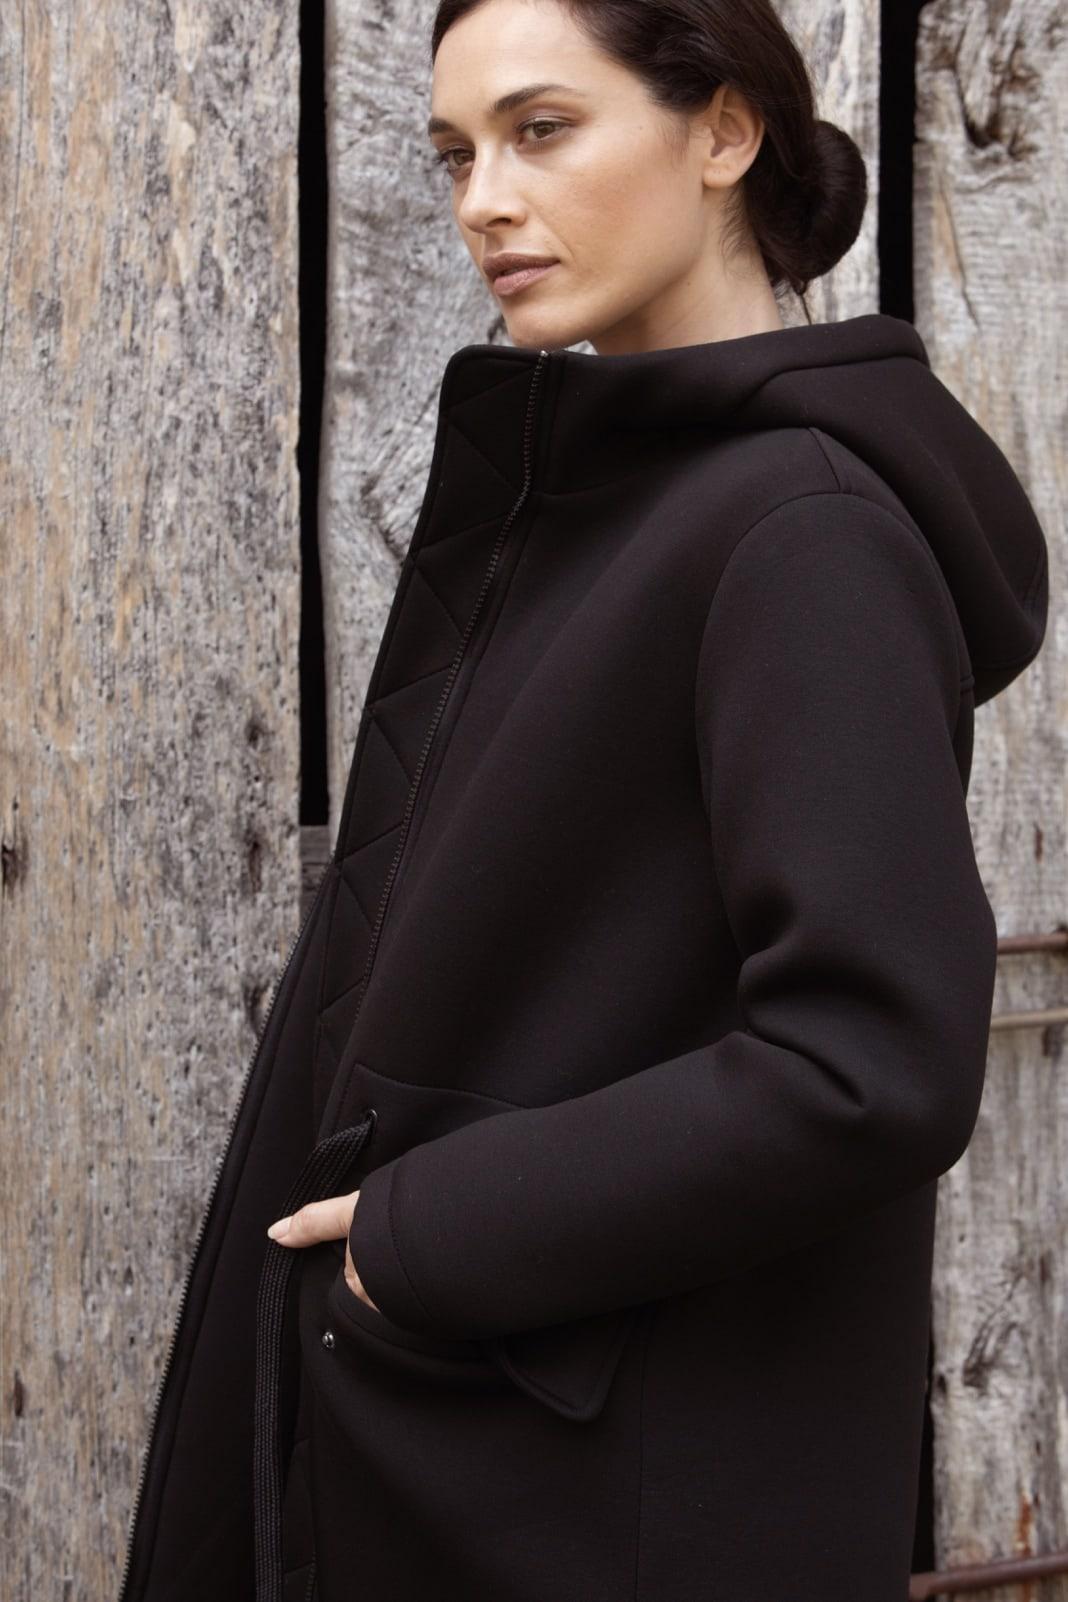 comprare on line e87fa c90e1 Upim - Abbigliamento Donna, Uomo e Bambini | Accessori per ...